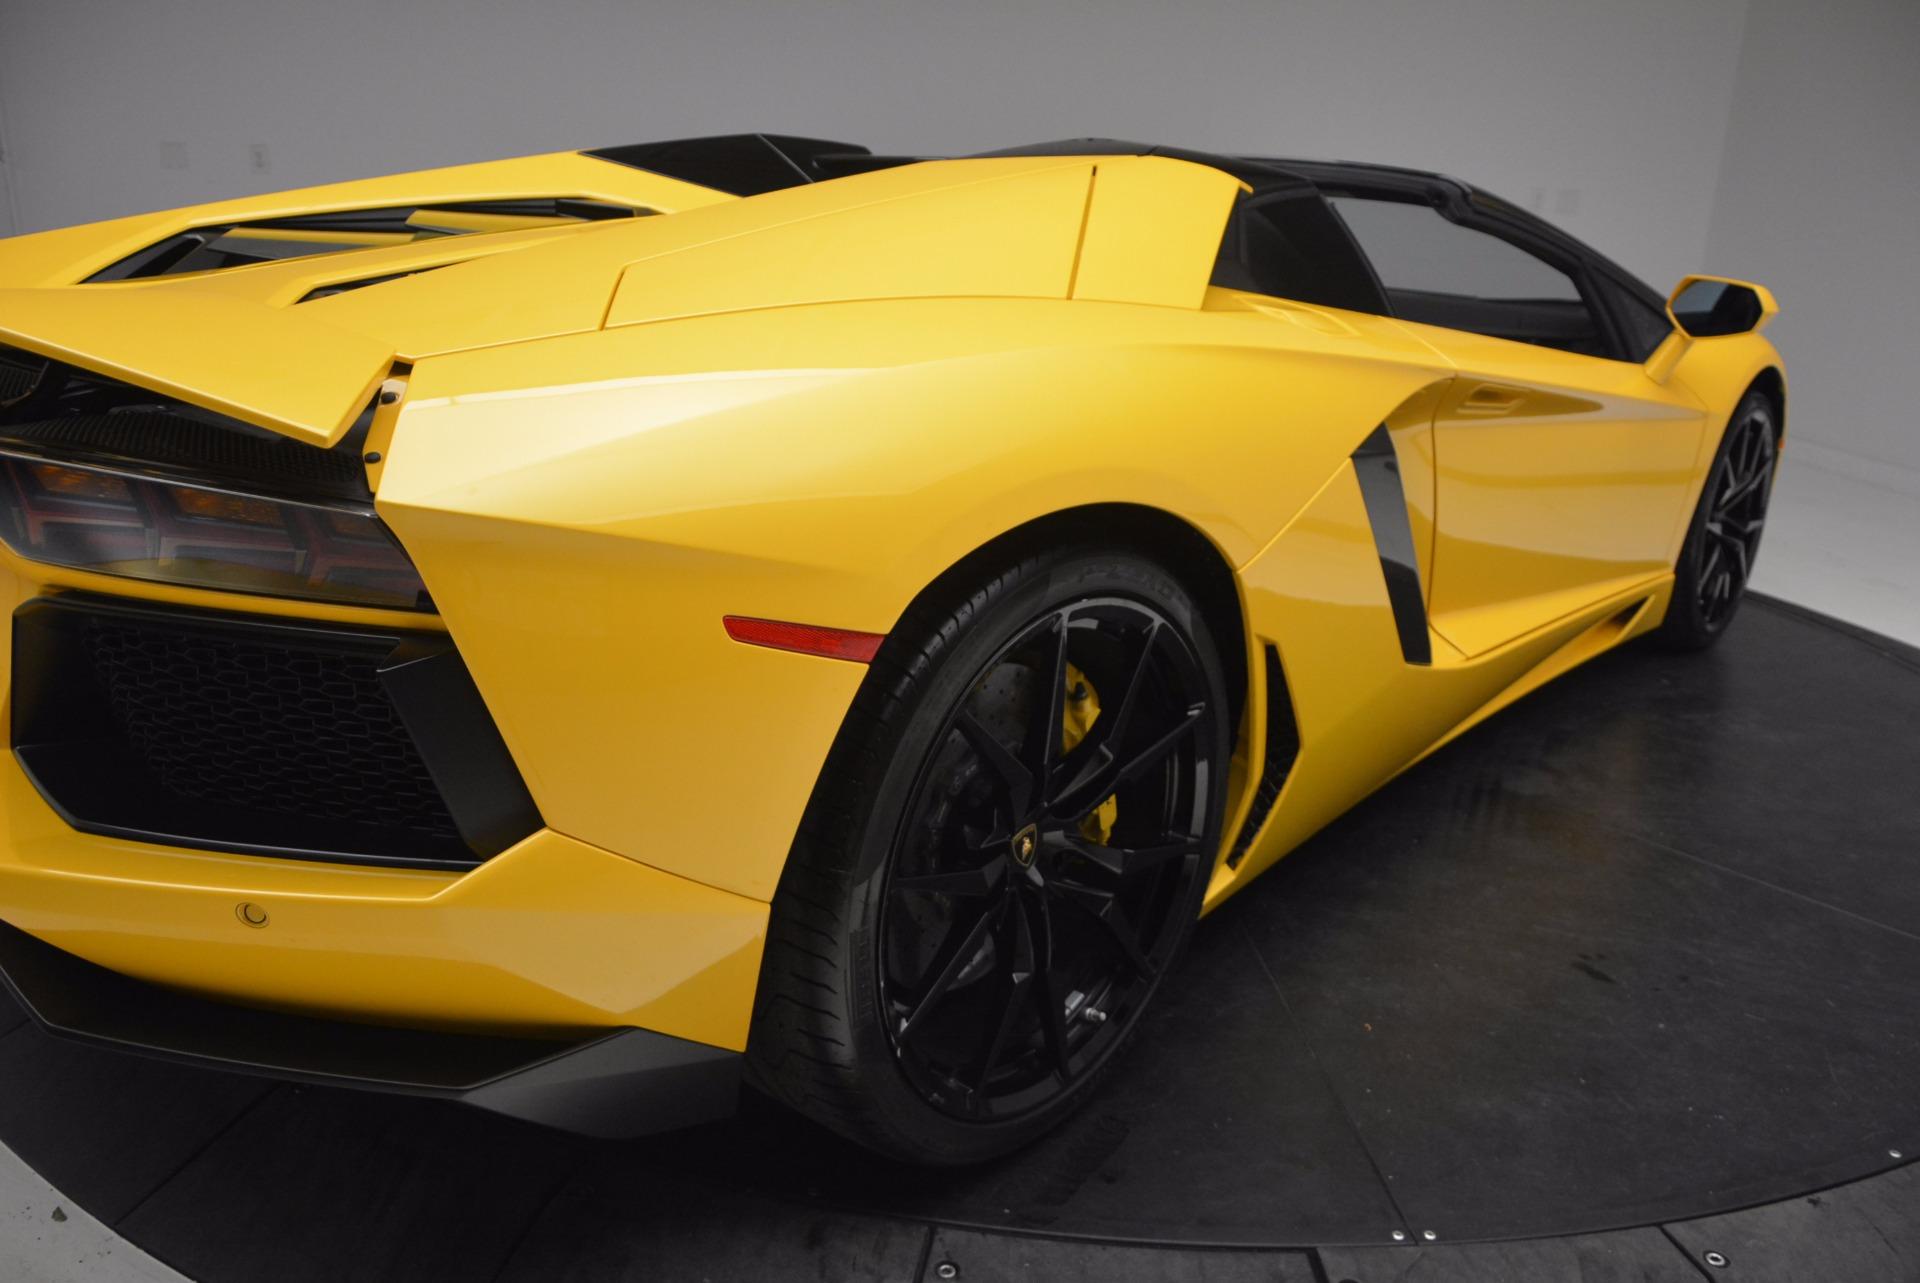 Used 2015 Lamborghini Aventador LP 700-4 Roadster For Sale In Westport, CT 1774_p20